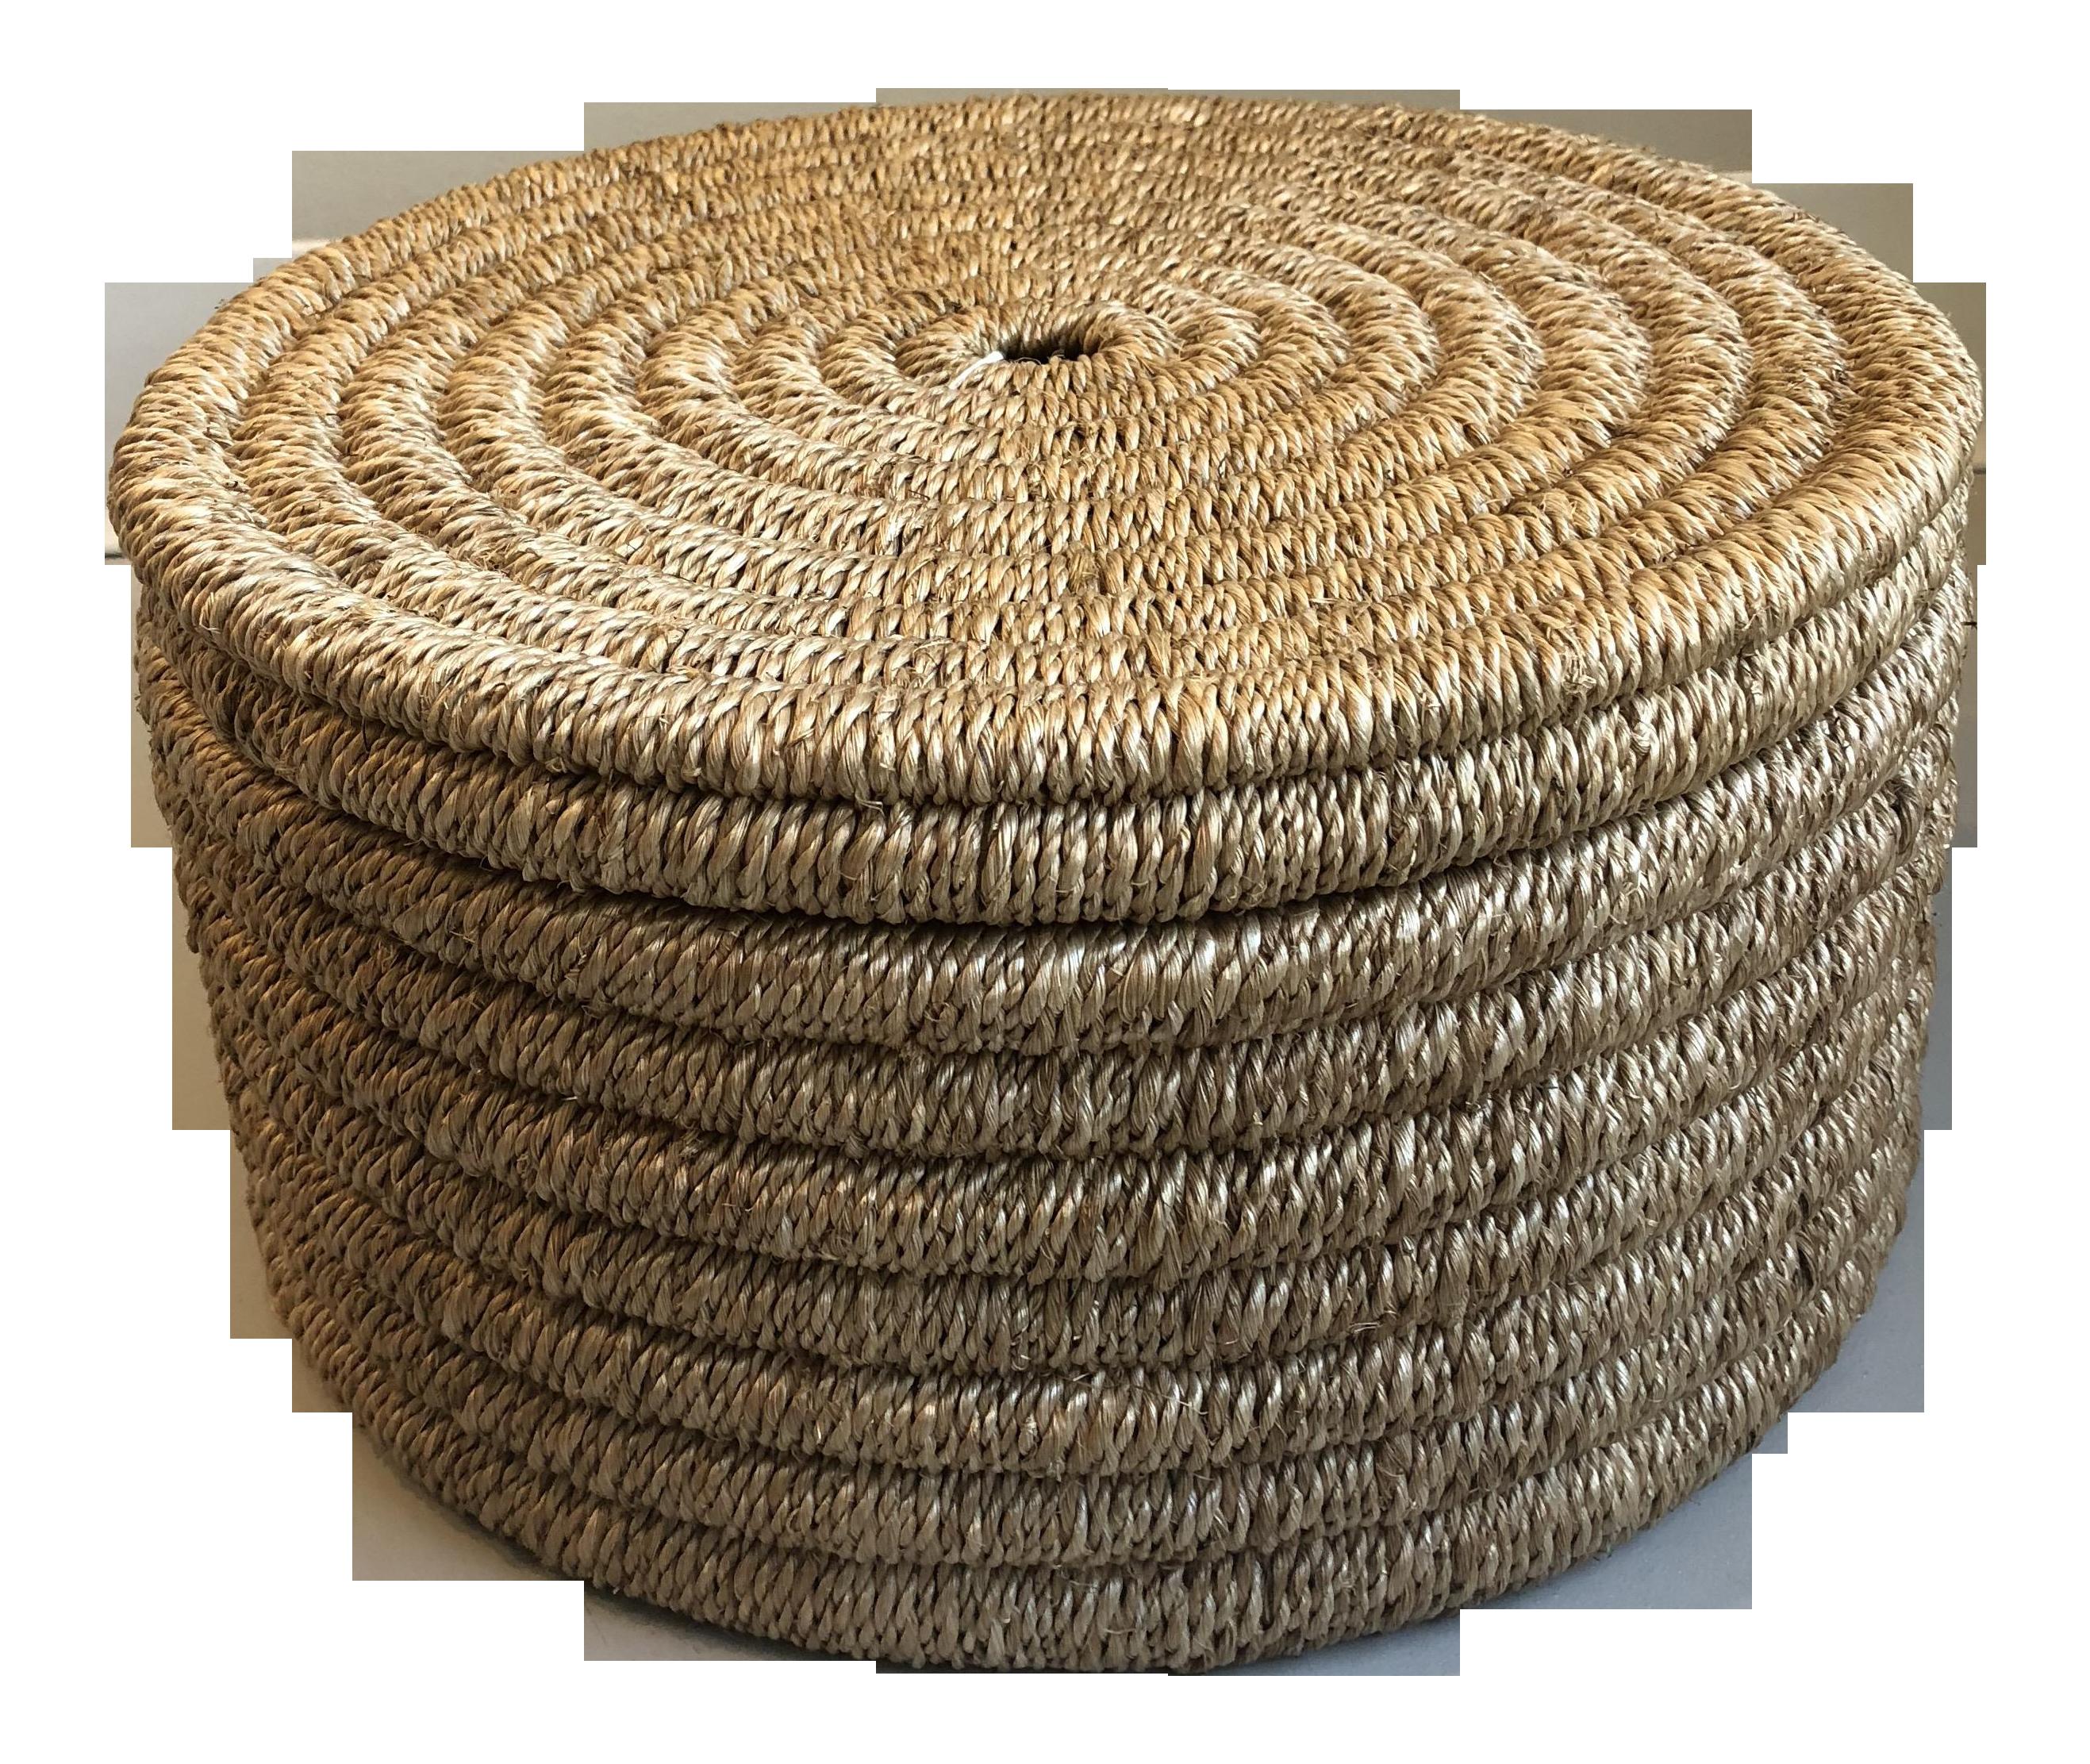 Boho Chic Made Goods Yvon Circular Natural Woven Rope Box